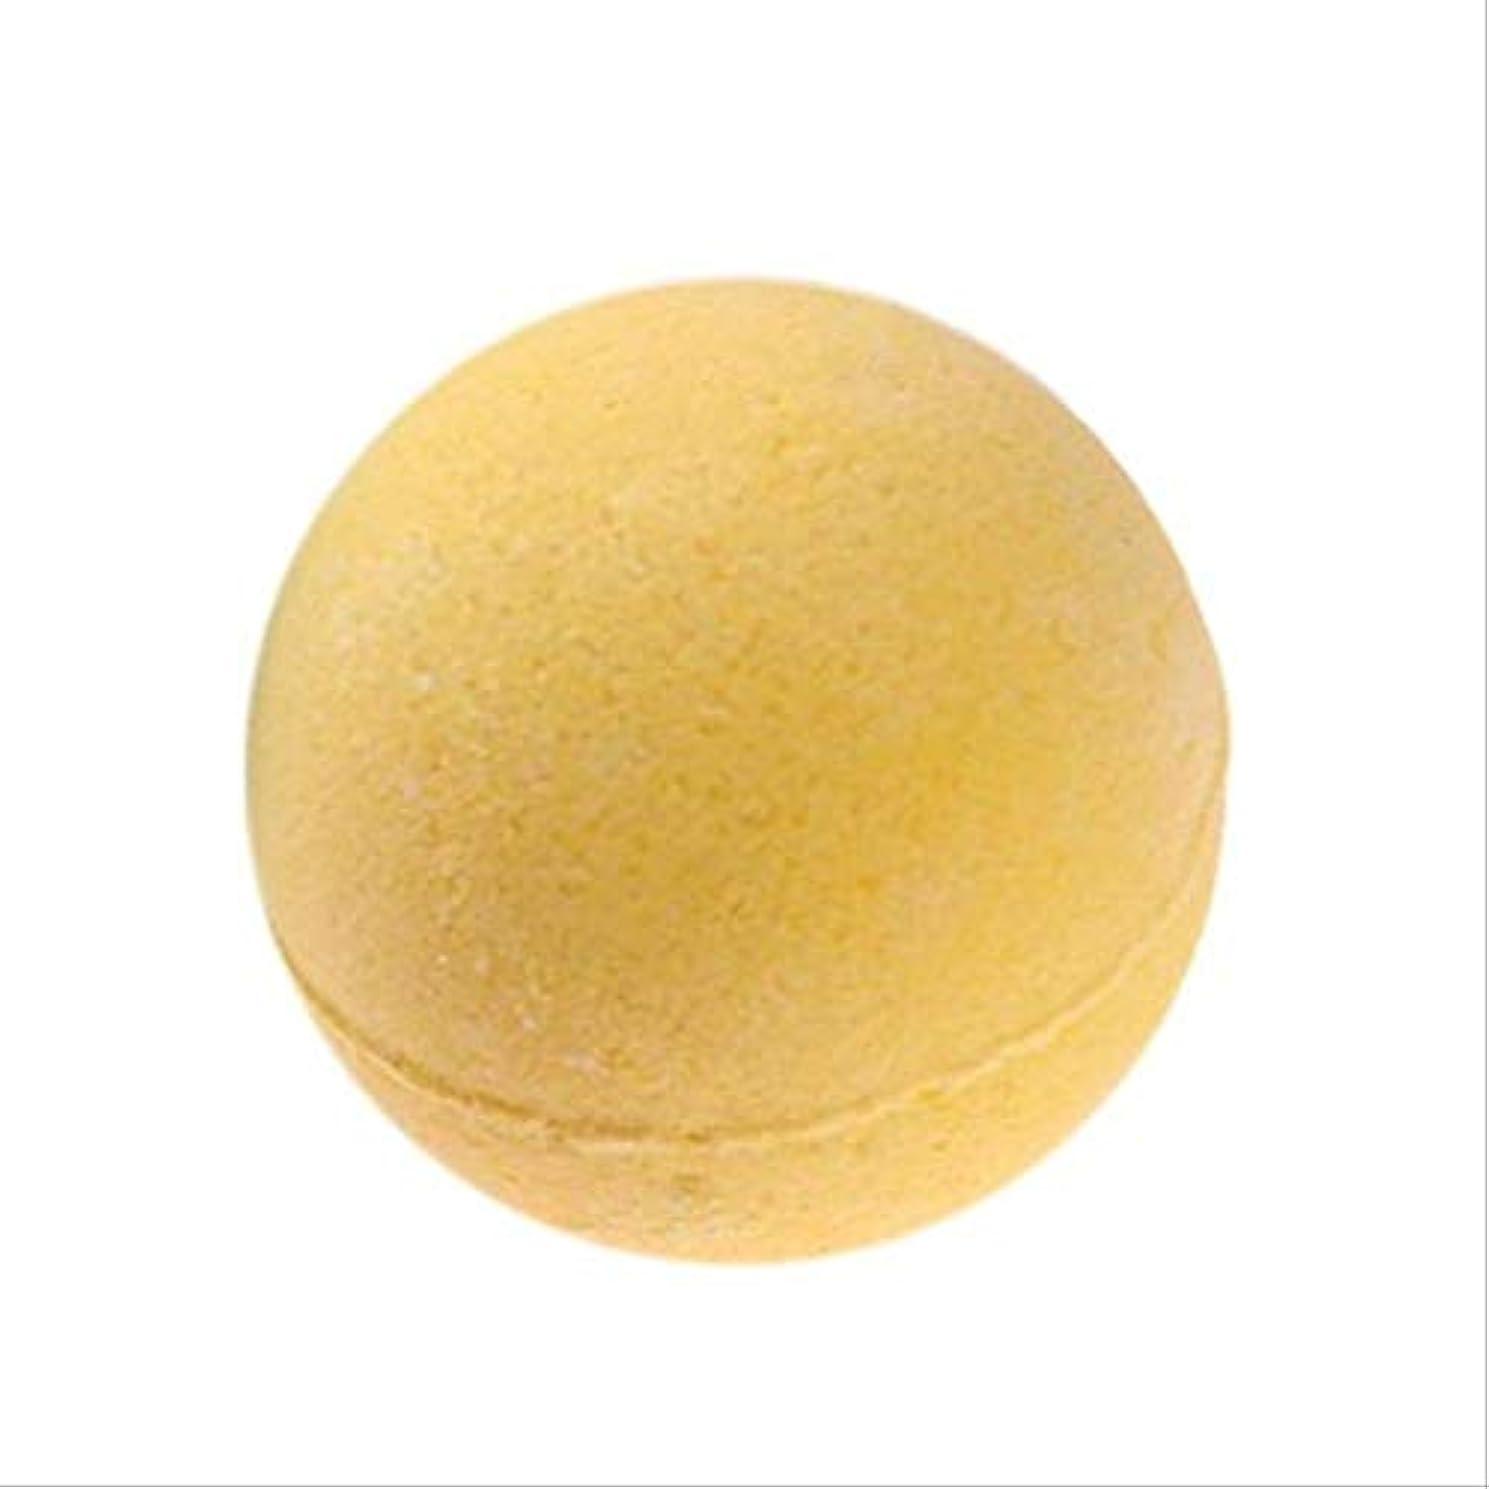 寛解素朴なガイドバスソルトバスソルトボールバスボール レモン